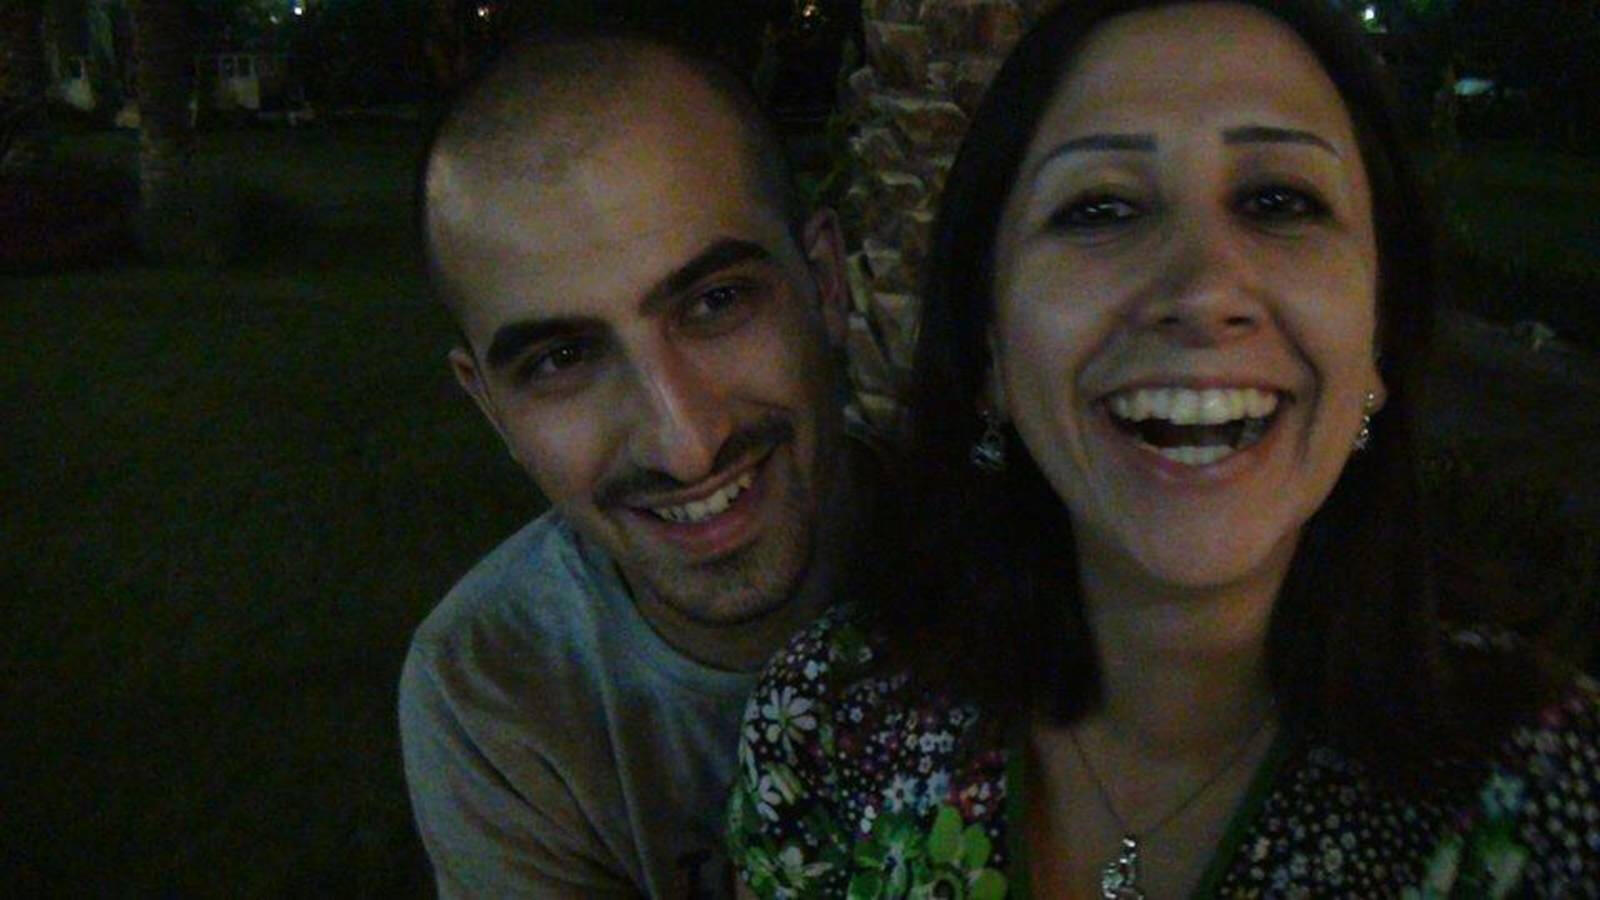 Bassel Khartabil Safadi et Noura Ghazi le jour de leurs fiançailles, à Damas, en 2012.